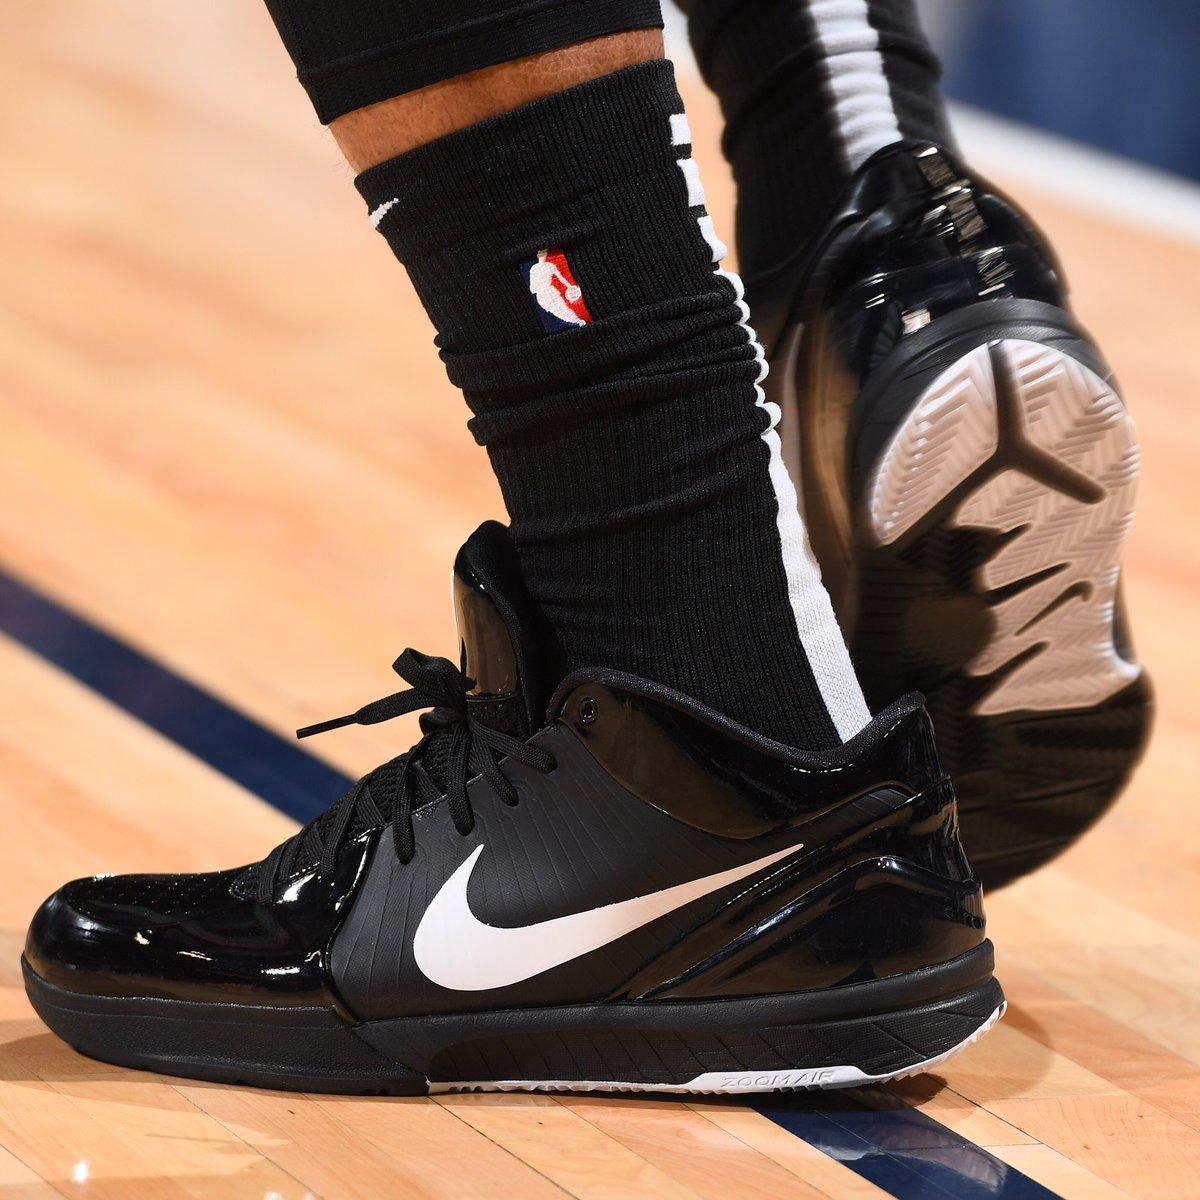 今日季后赛上脚球鞋一览:杜兰特上脚KD12 NBA新闻 第2张